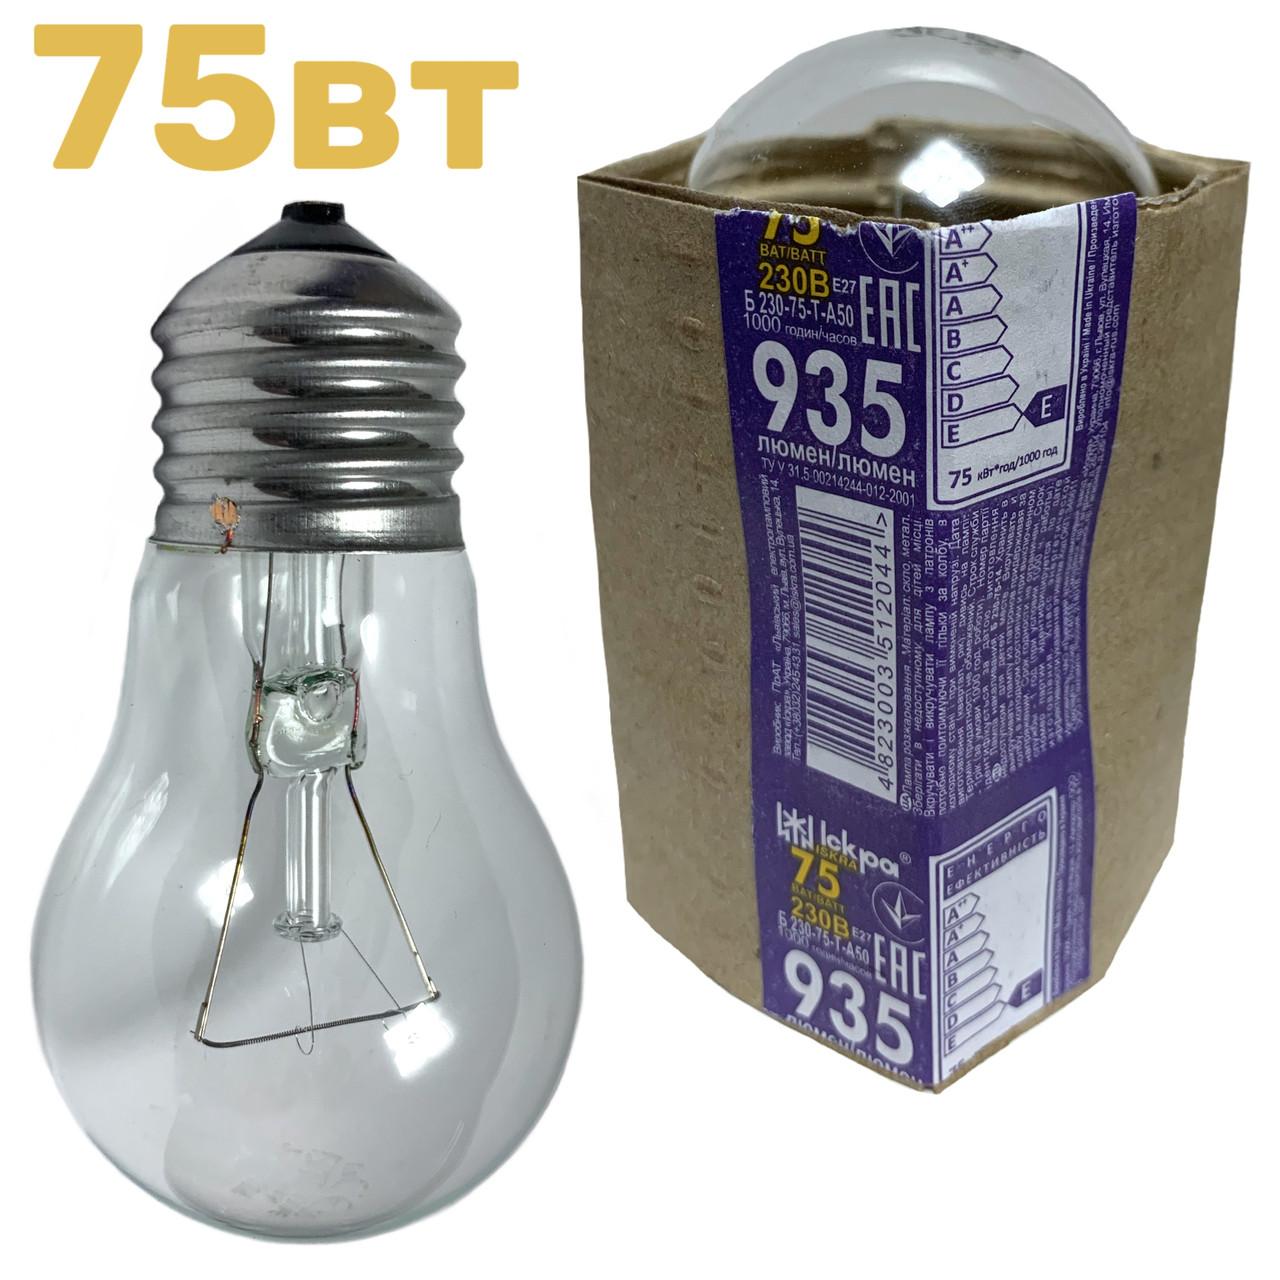 Лампочка розжарювання ISKRA 75 ВАТТ цоколь E27